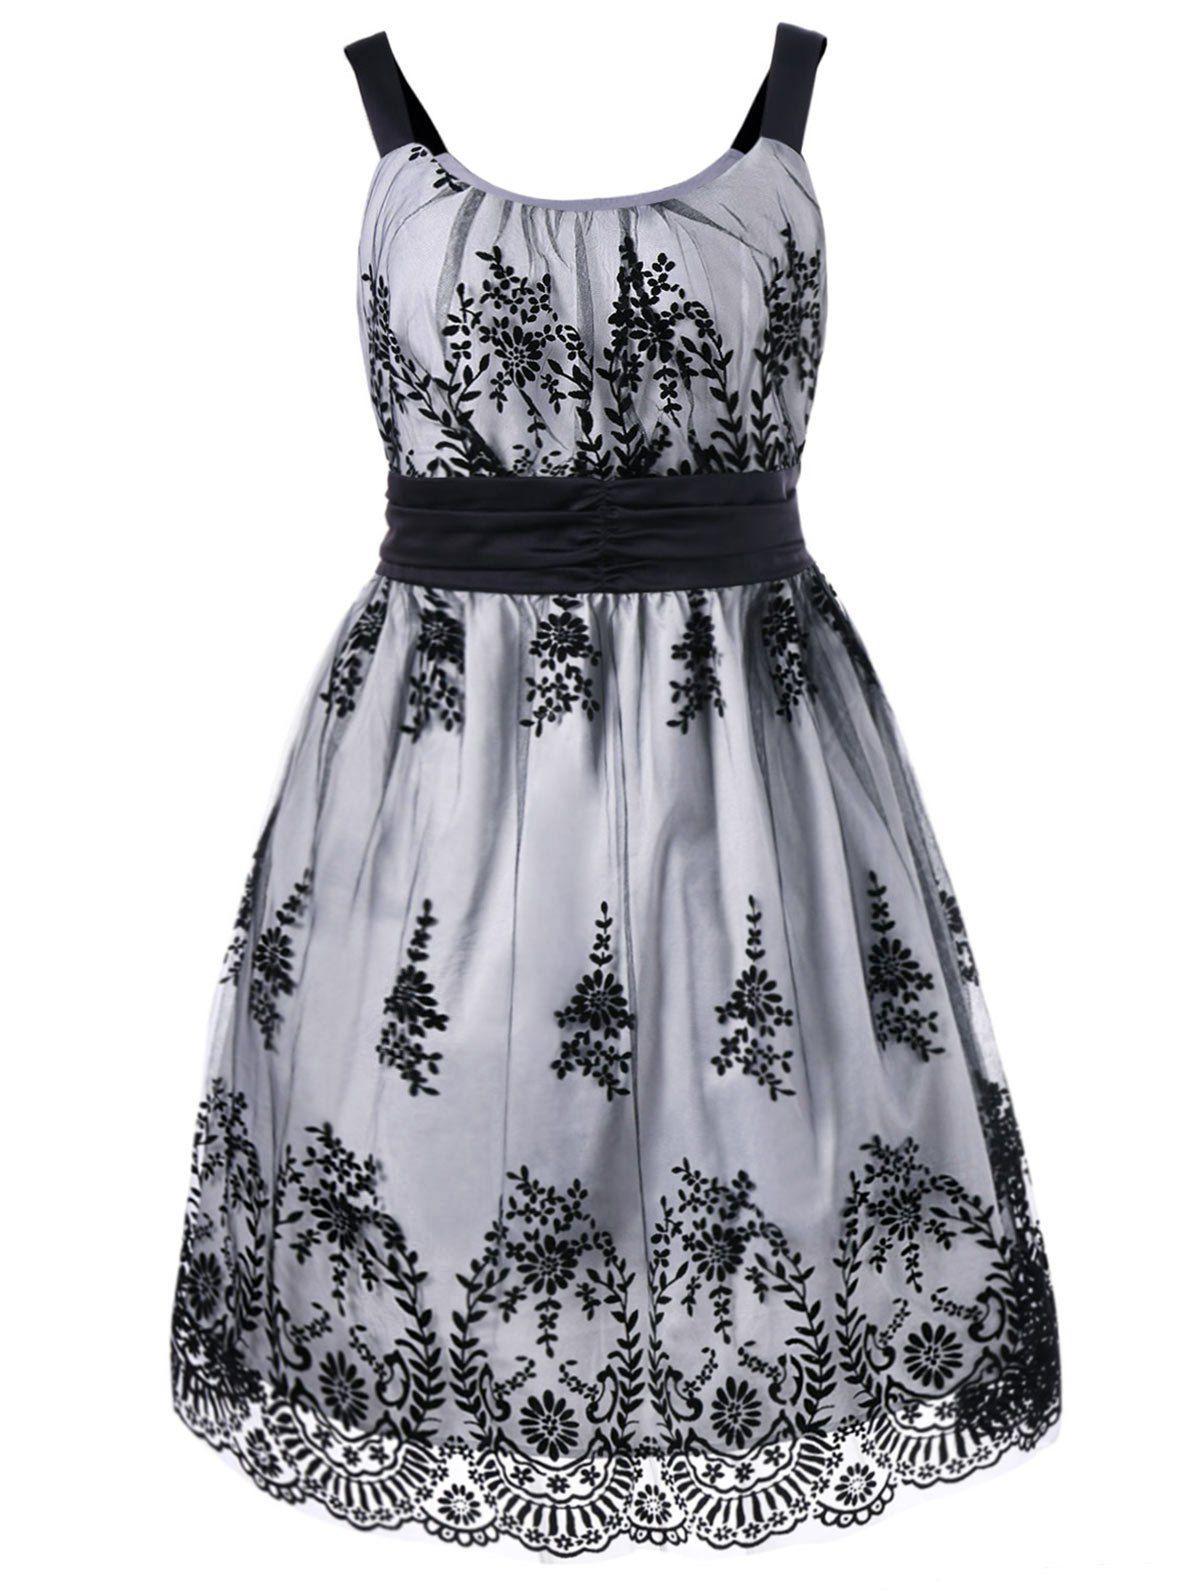 High waist plus size ball gown dress ball gown dresses ball gowns